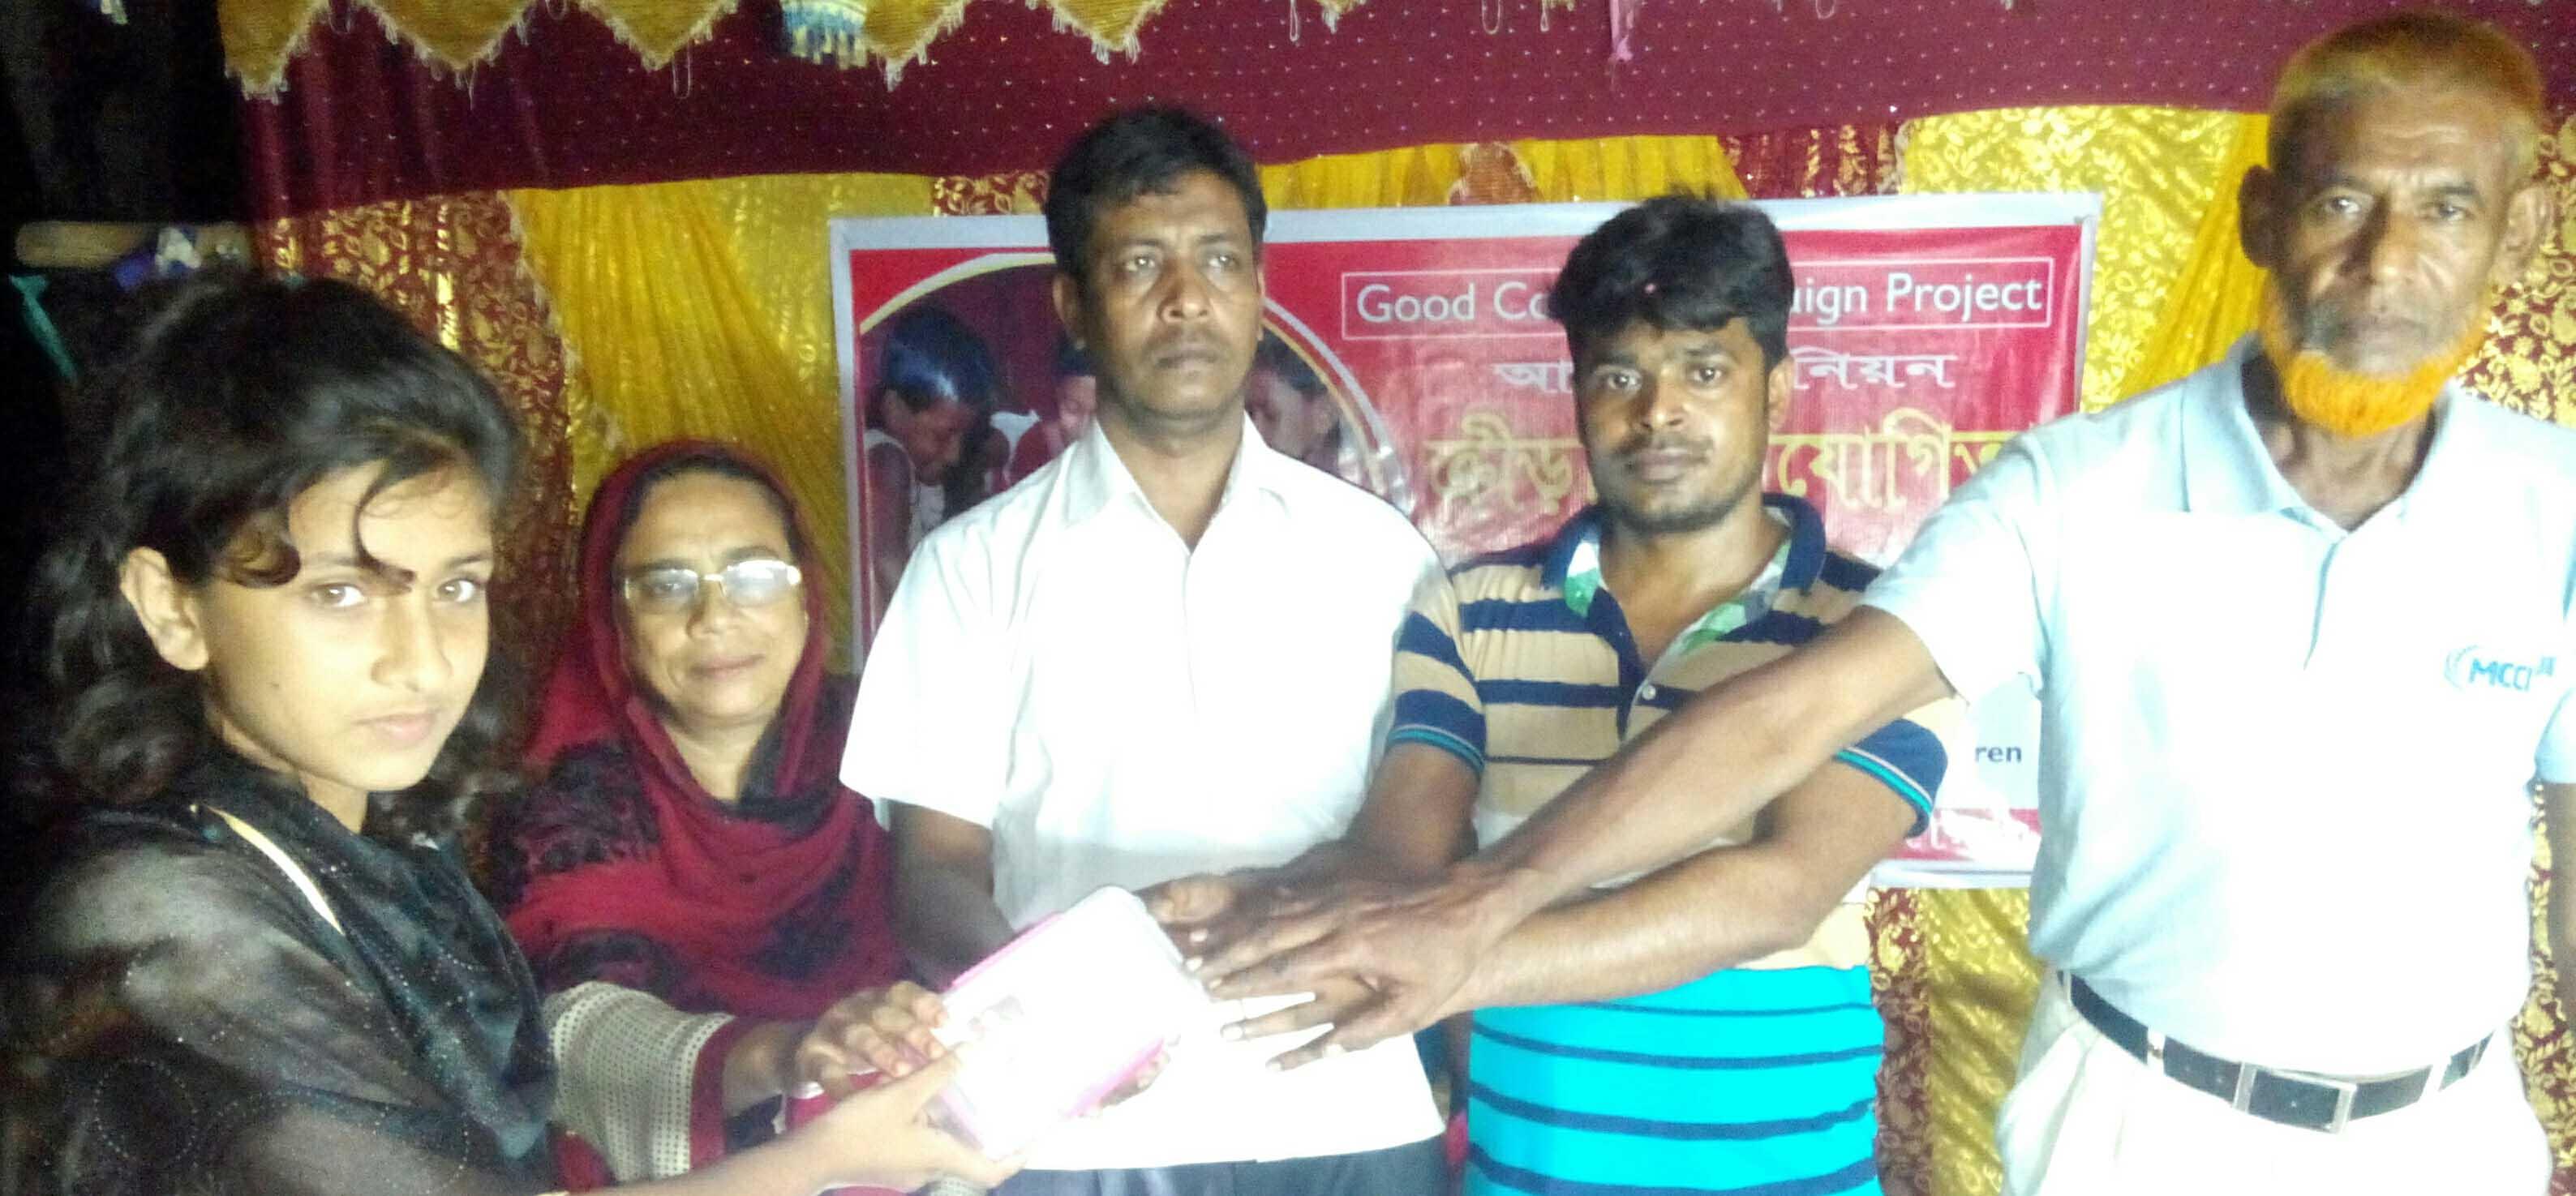 কুশখালীতে আন্ত:ইউনিয়ন ক্রীড়া প্রতিযোগিতা ও পুরস্কার বিতরণ